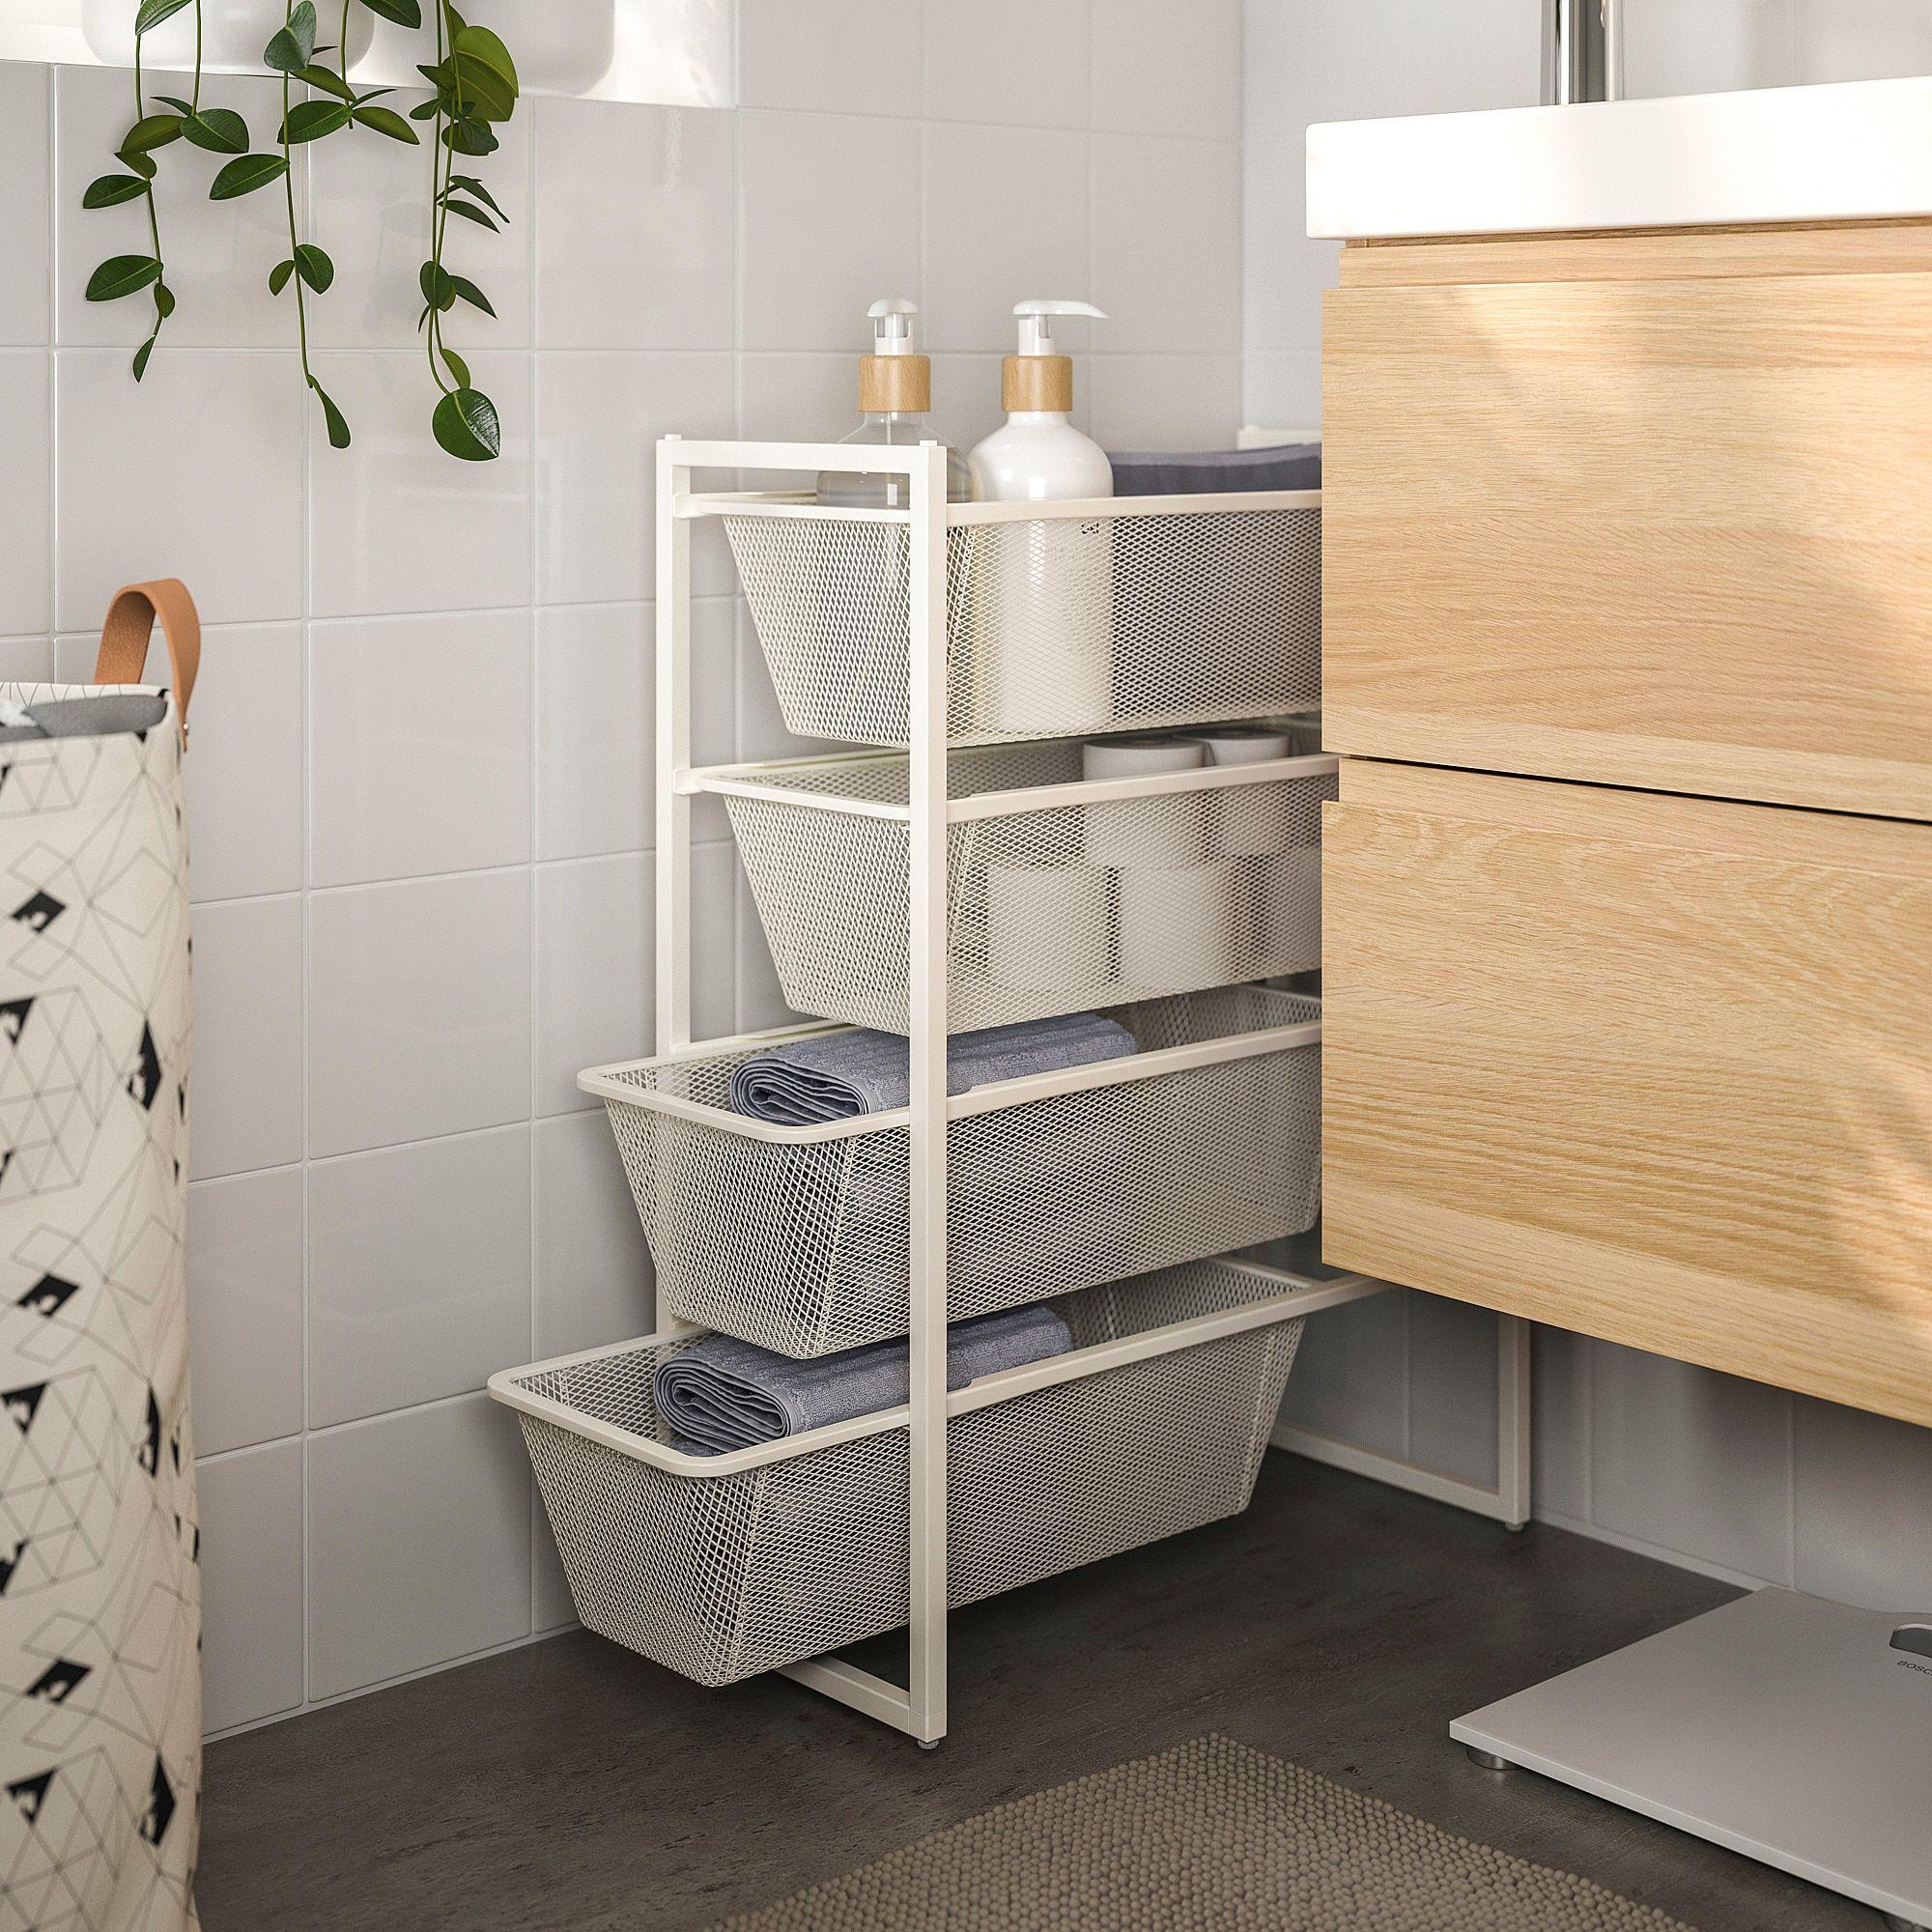 Ikea Billy Shelf Basket 37 X 25 X 20 Cm From Water Hyacinth